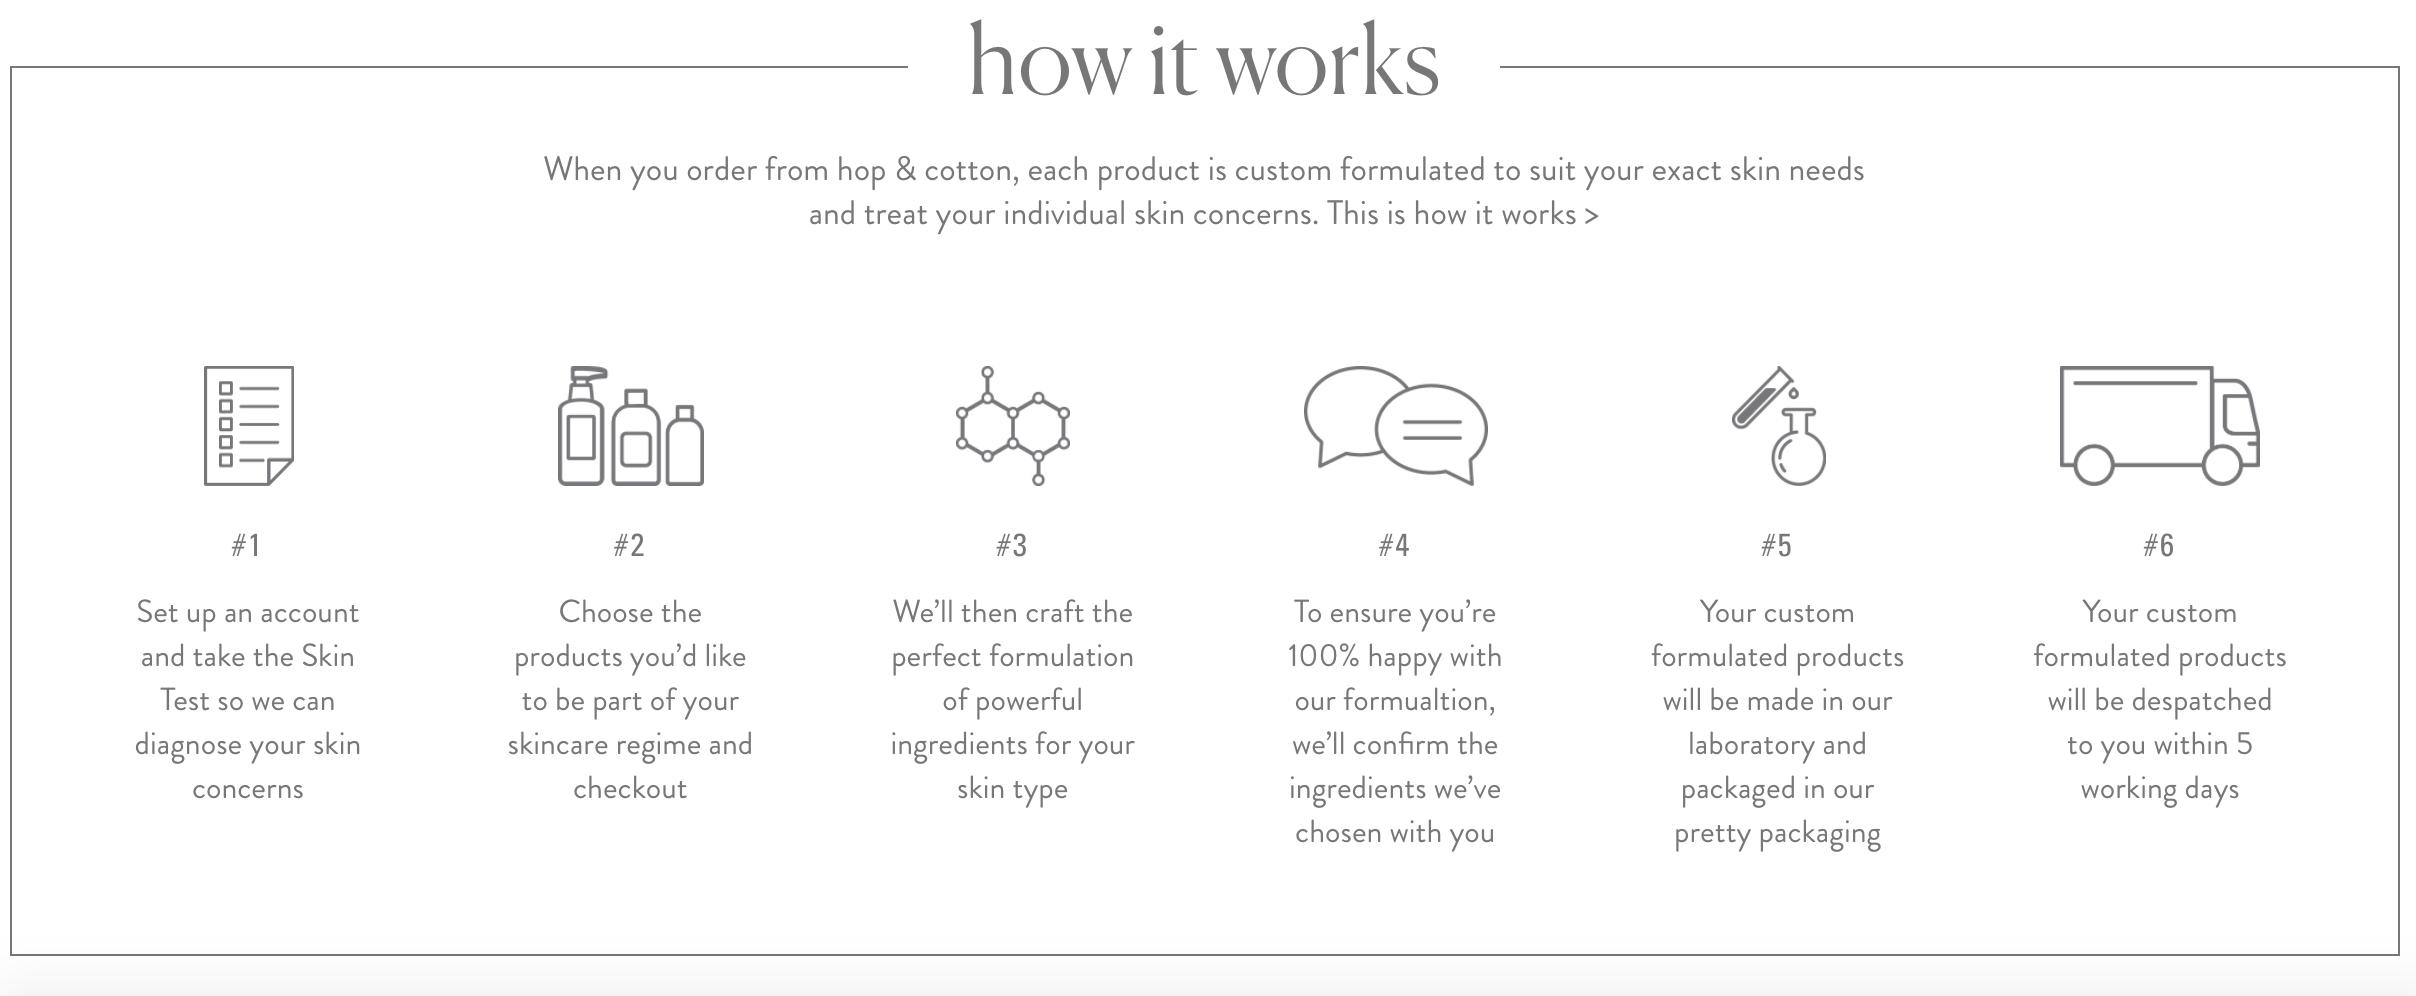 The hop & cotton process. Image Courtesy of hop & cotton